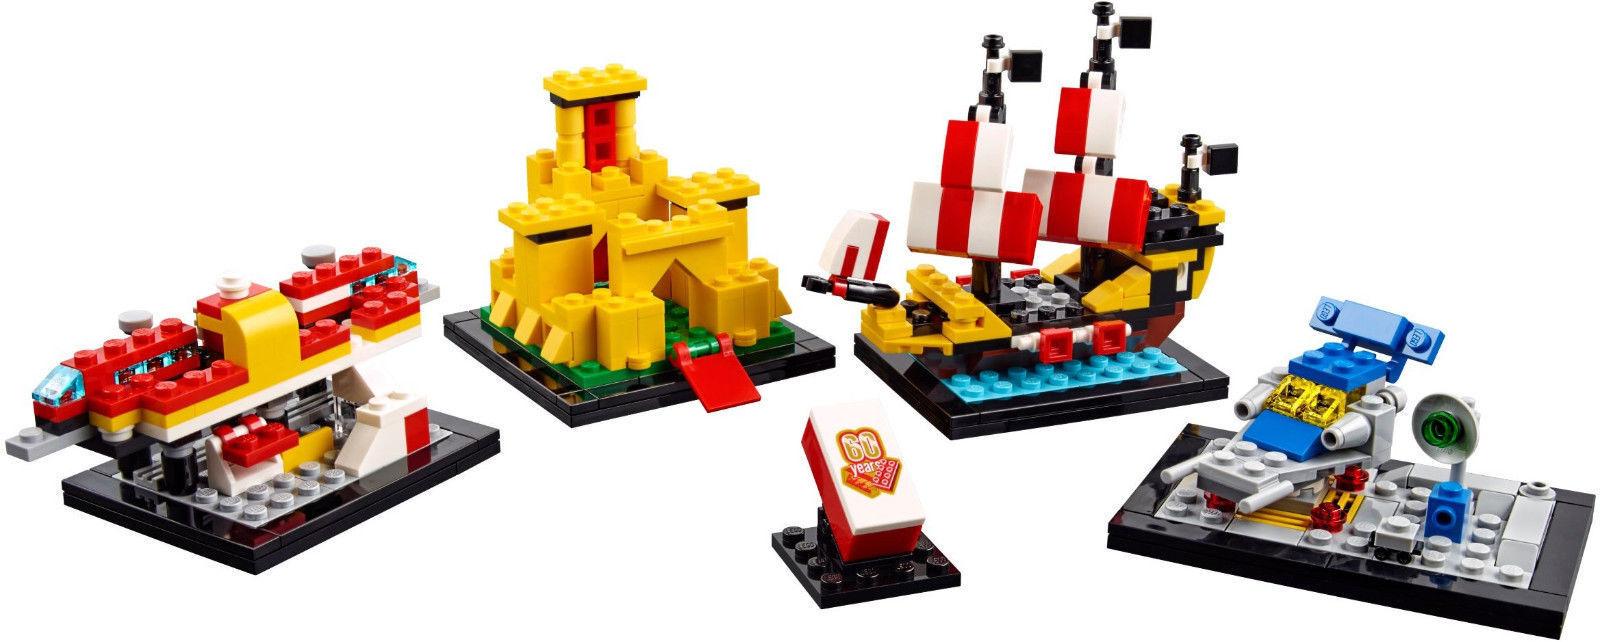 Joie de Noël, étape par étape étape étape Lego 40290 set 60 years anniversaire Lego NEUF EXCLUSIF DISPONIBLE d29b23